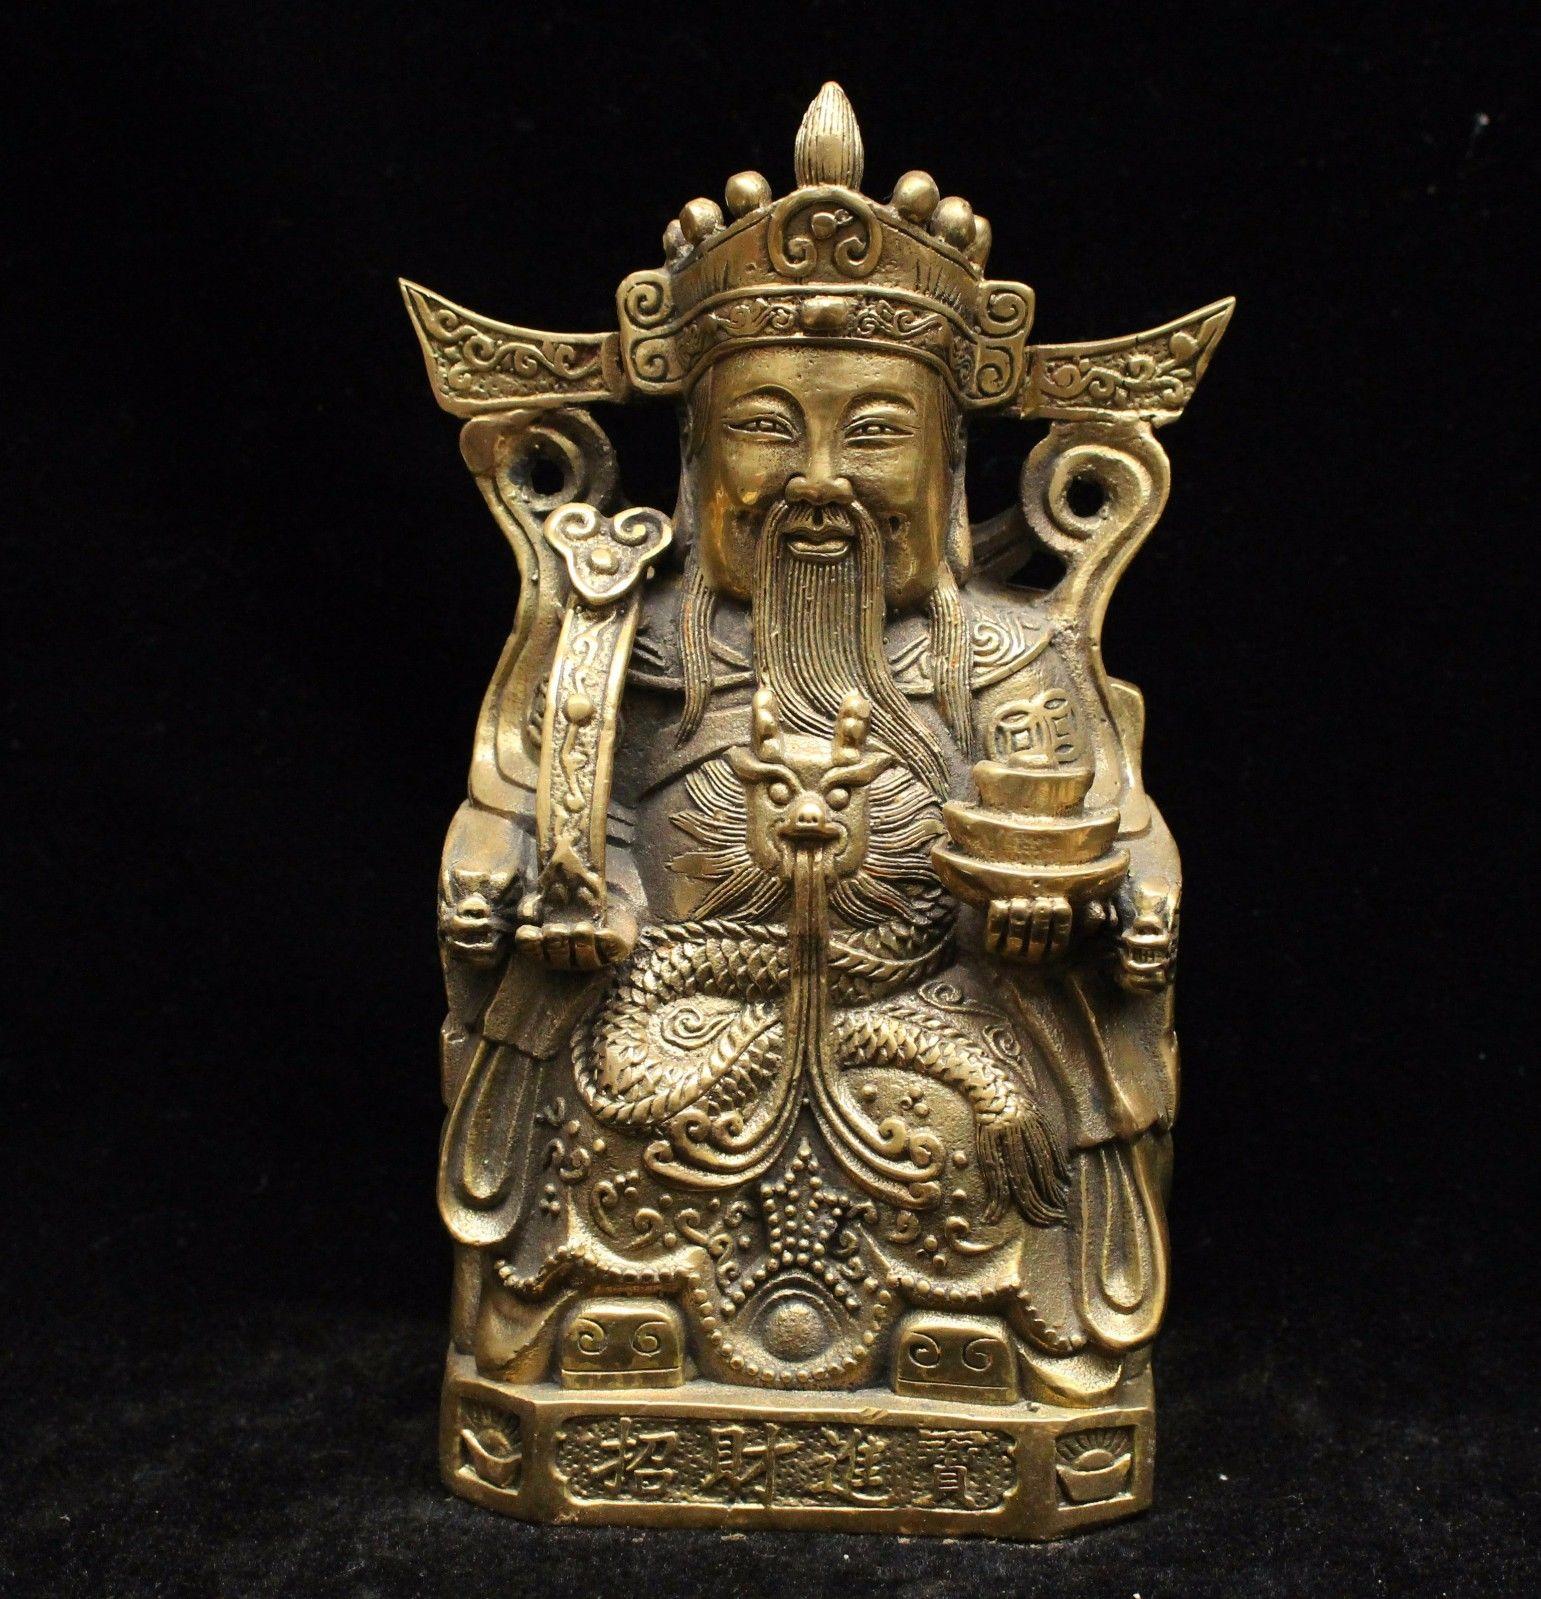 Chinese Feng shui Bronze Brass Yuan bao Ru yi Mammon Money Wealth God StatueChinese Feng shui Bronze Brass Yuan bao Ru yi Mammon Money Wealth God Statue